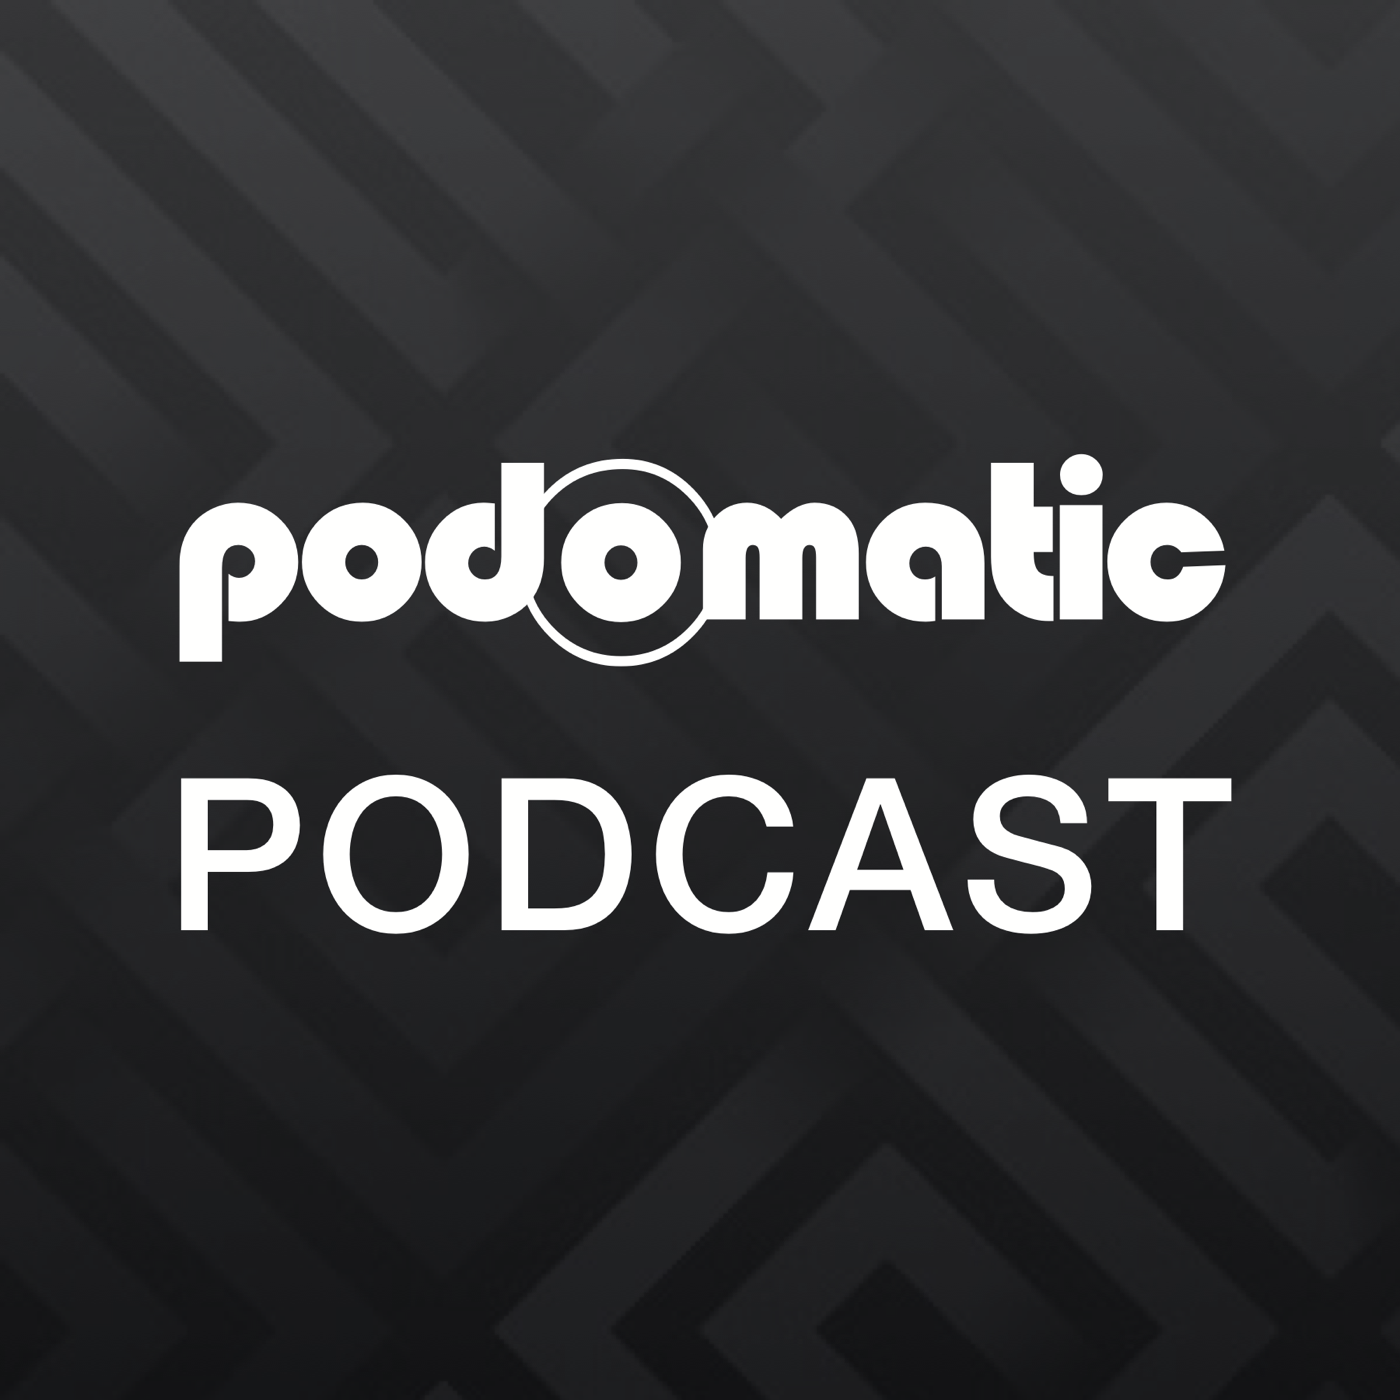 papodenerd's Podcast